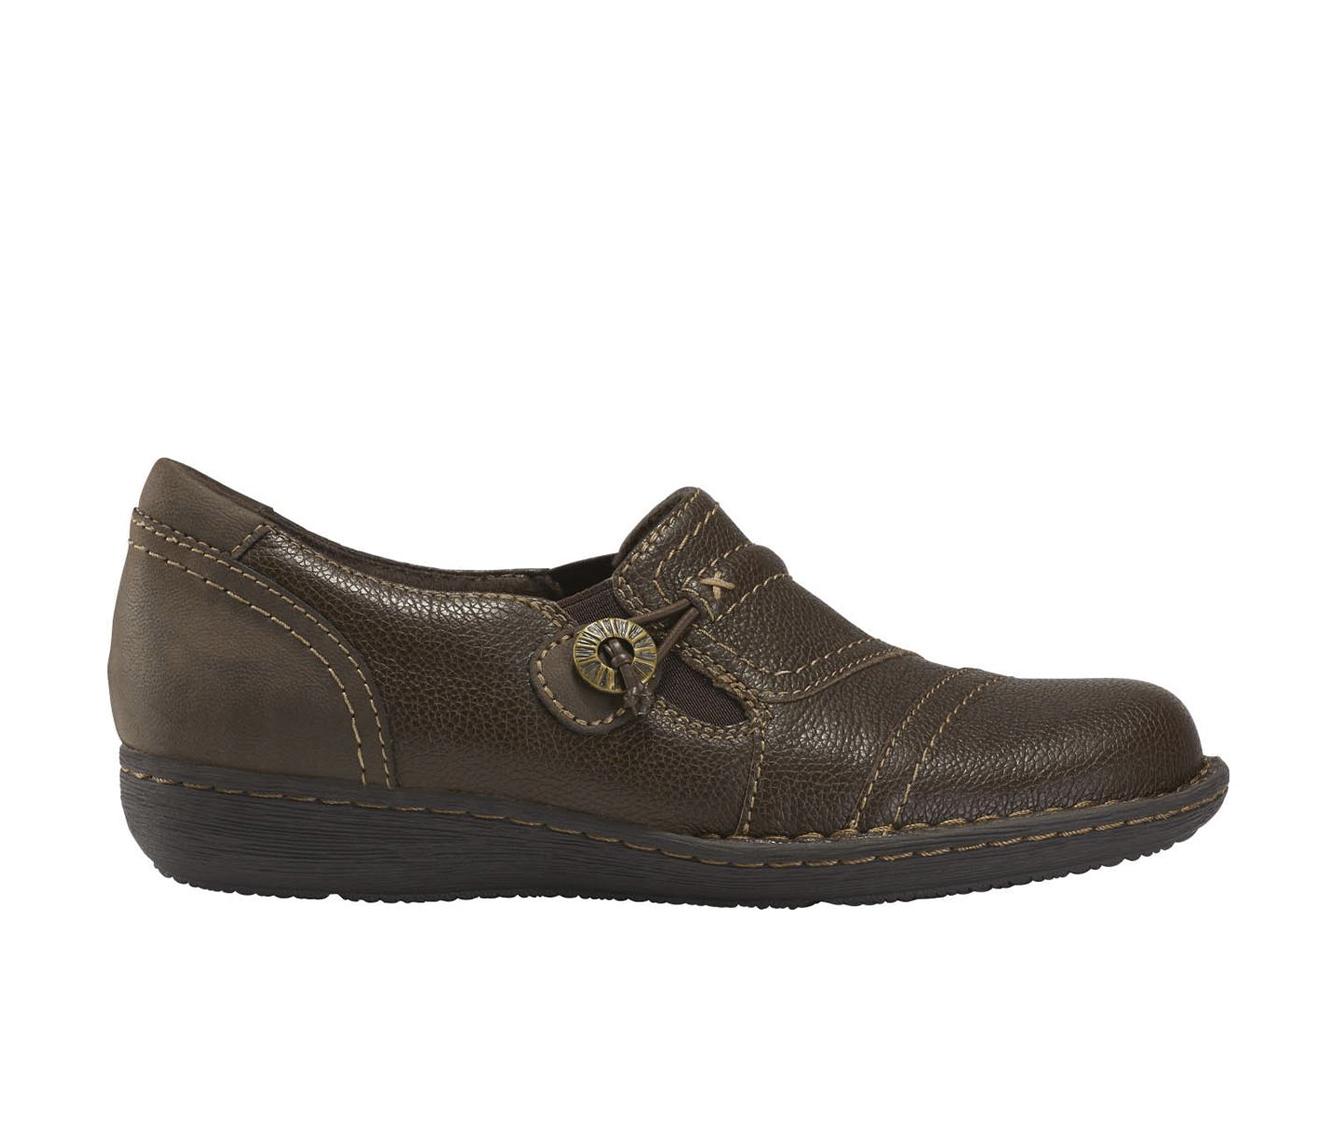 Earth Origins Tamara Tami Women's Shoe (Brown Leather)